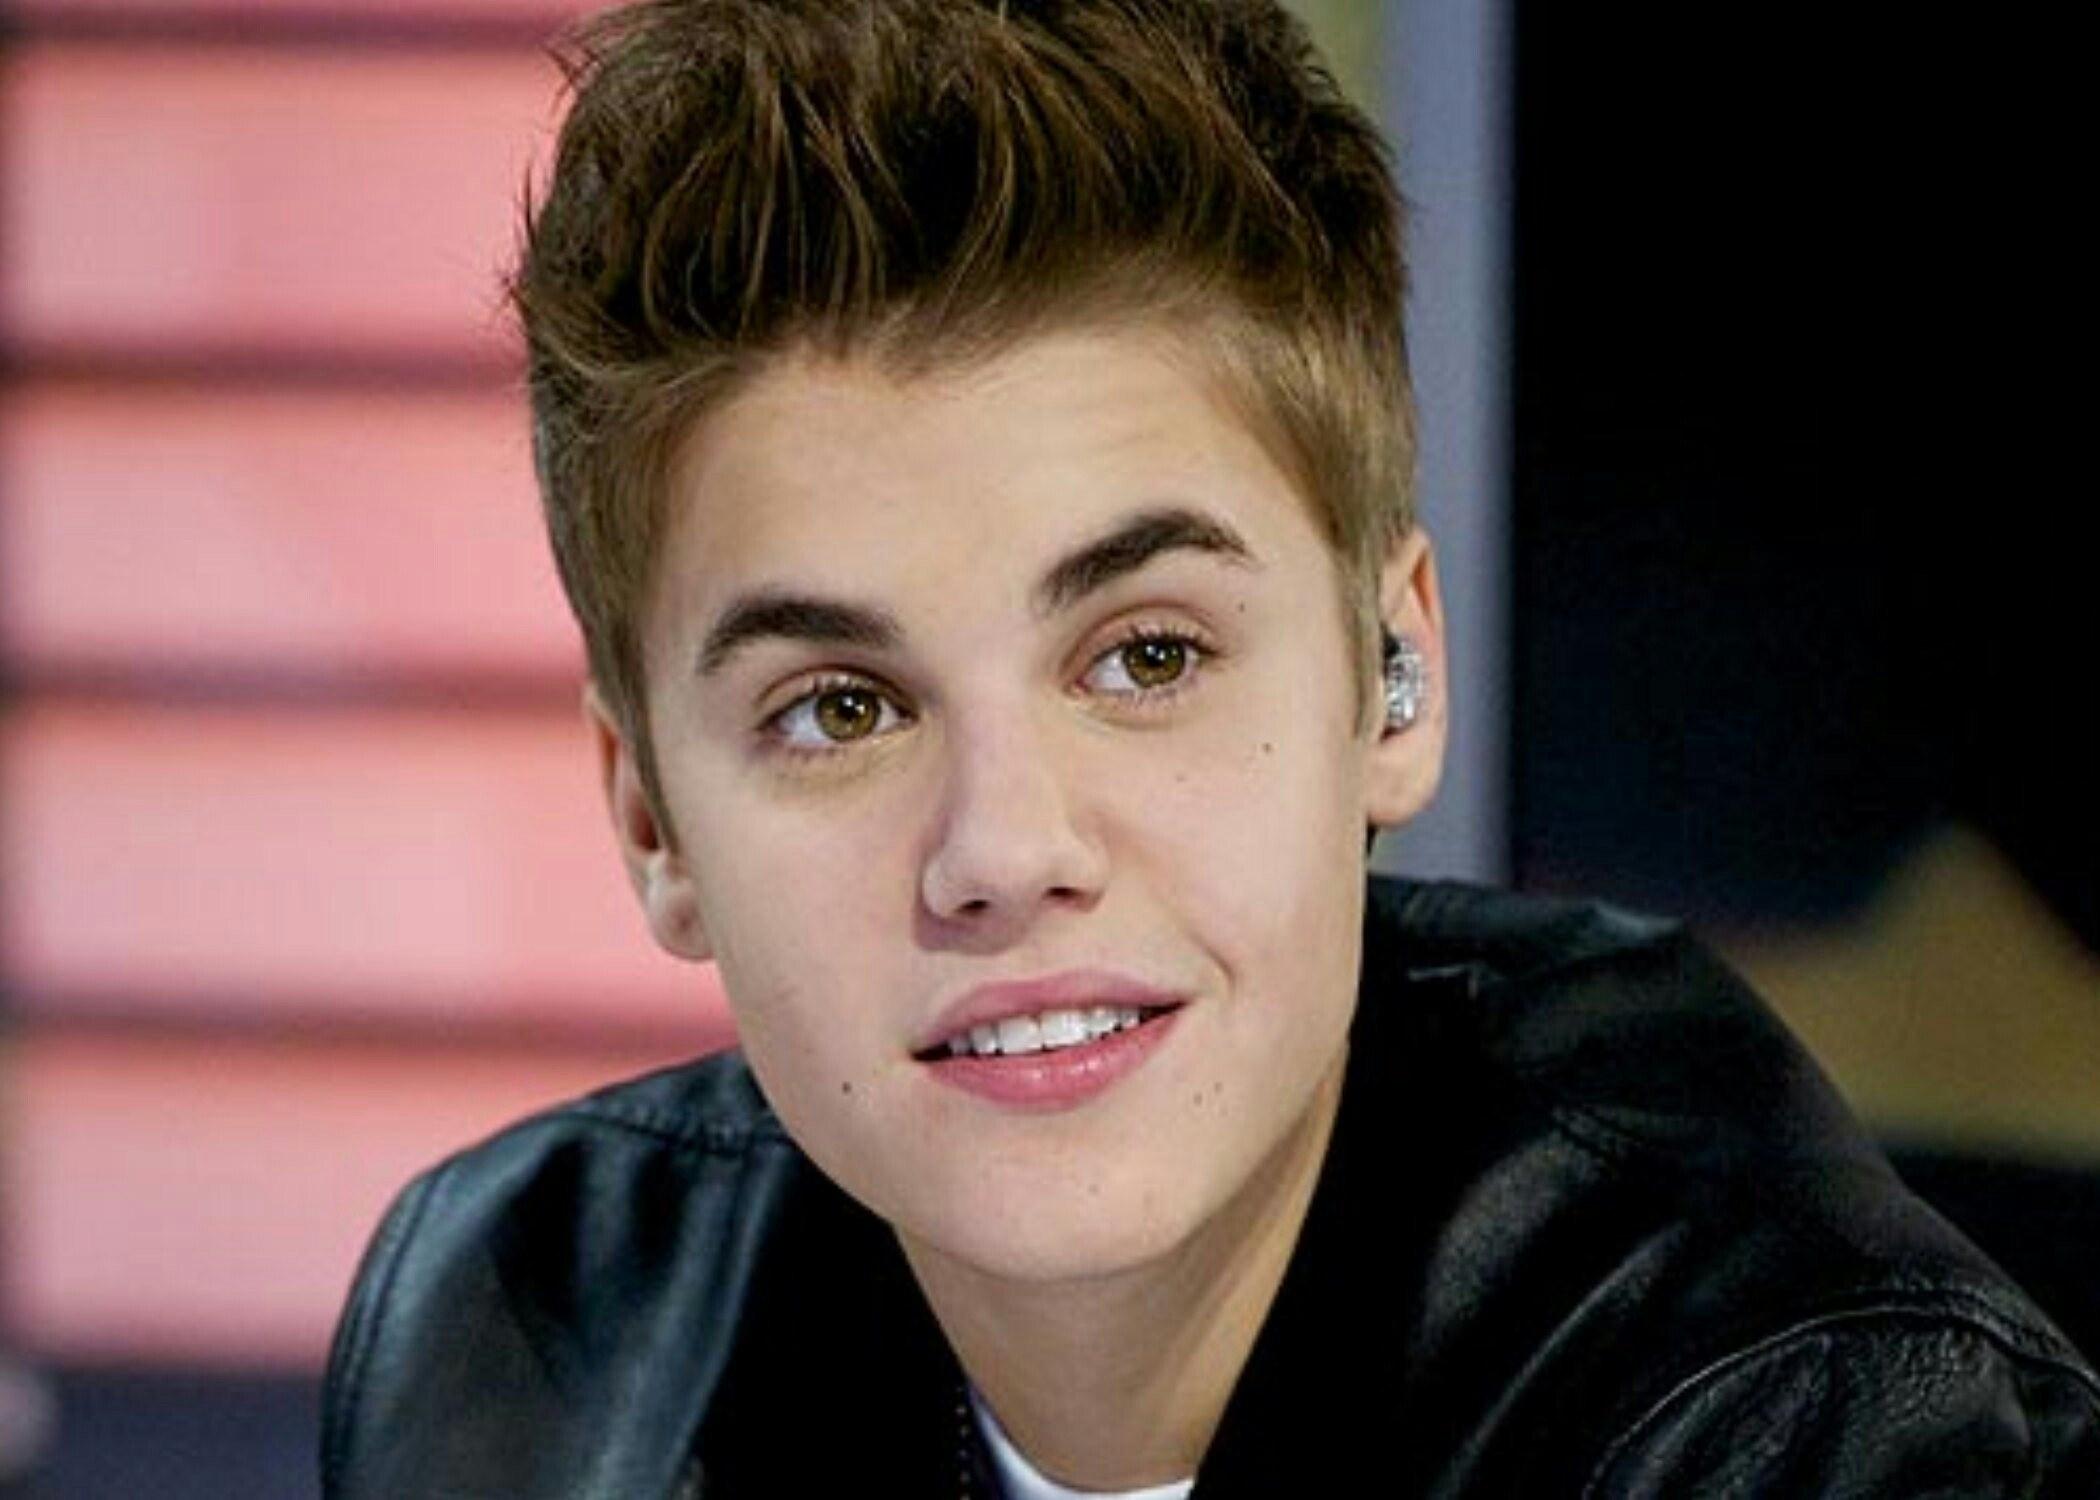 Justin Bieber frappe au visage un homme qui tente d'étrangler une femme 29